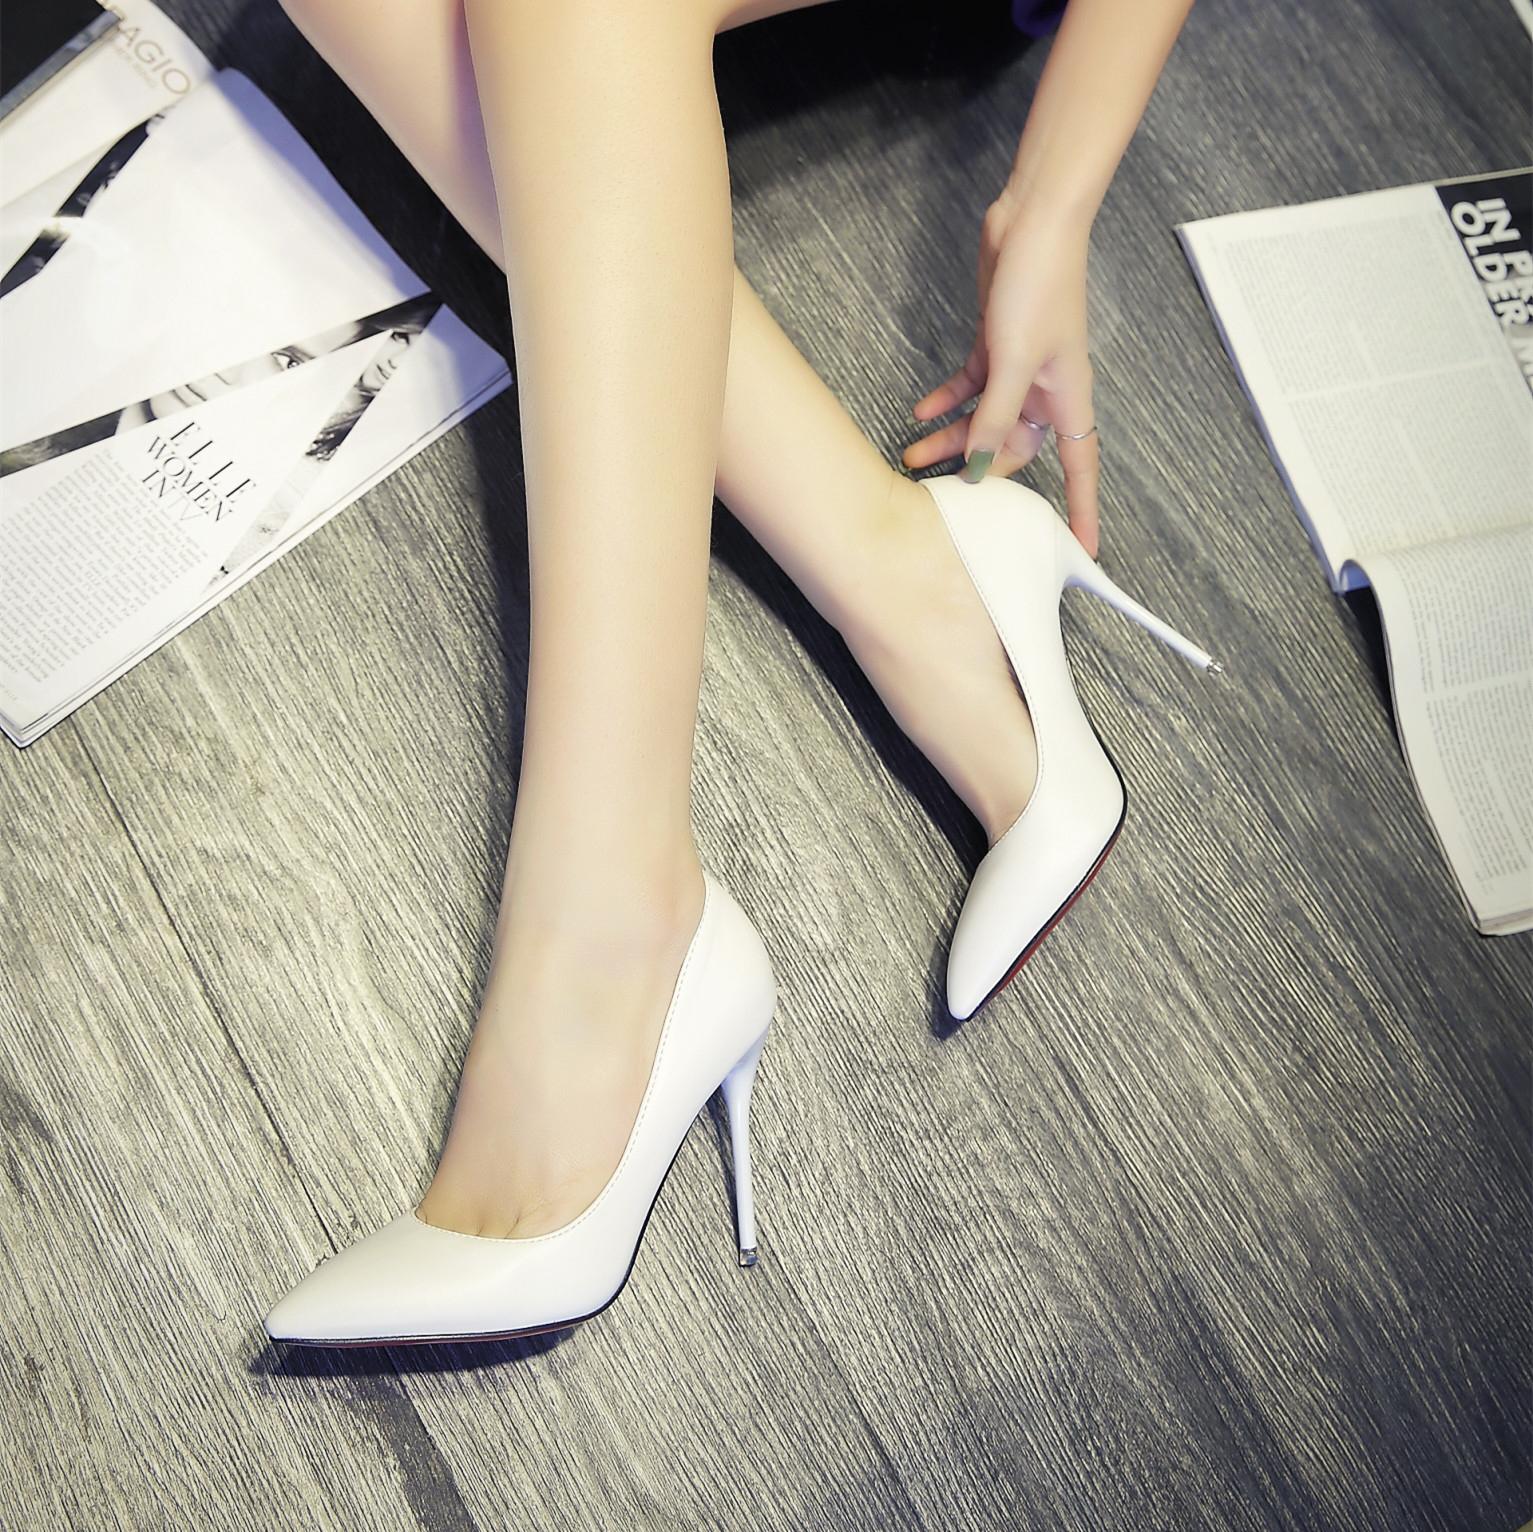 白色高跟单鞋 春季新款白色尖头高跟鞋细跟 真皮女鞋婚鞋黑色工作鞋女浅口单鞋_推荐淘宝好看的女白色高跟单鞋